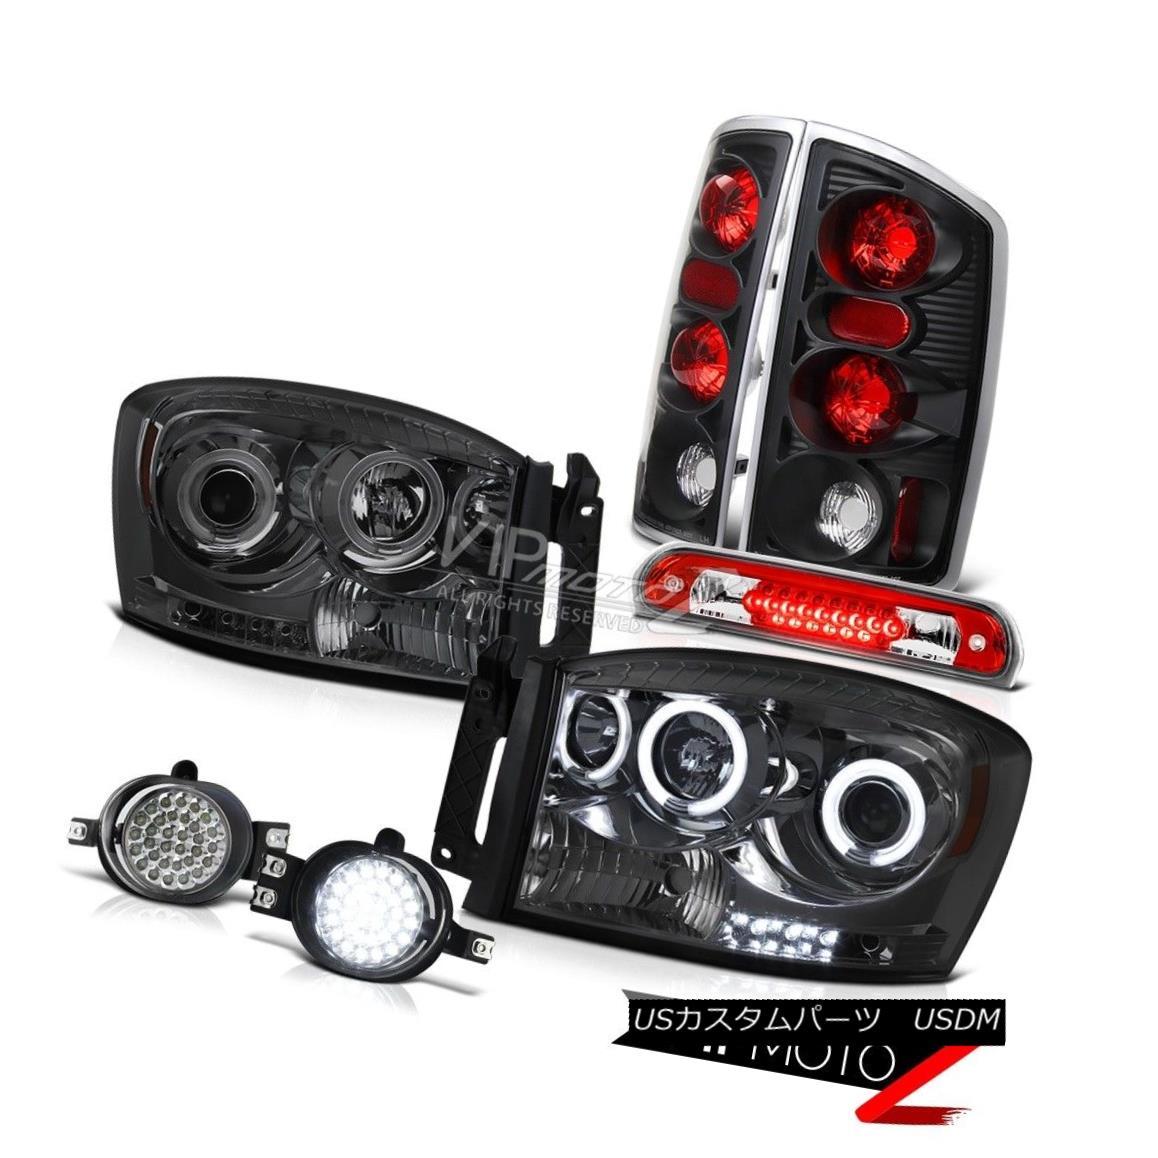 ヘッドライト Smoke Headlights Black Reverse Tail Light Foglights 3rd Brake Red 2006 Dodge Ram スモークヘッドライトブラックリバーステールライトFoglights 3rdブレーキレッド2006 Dodge Ram